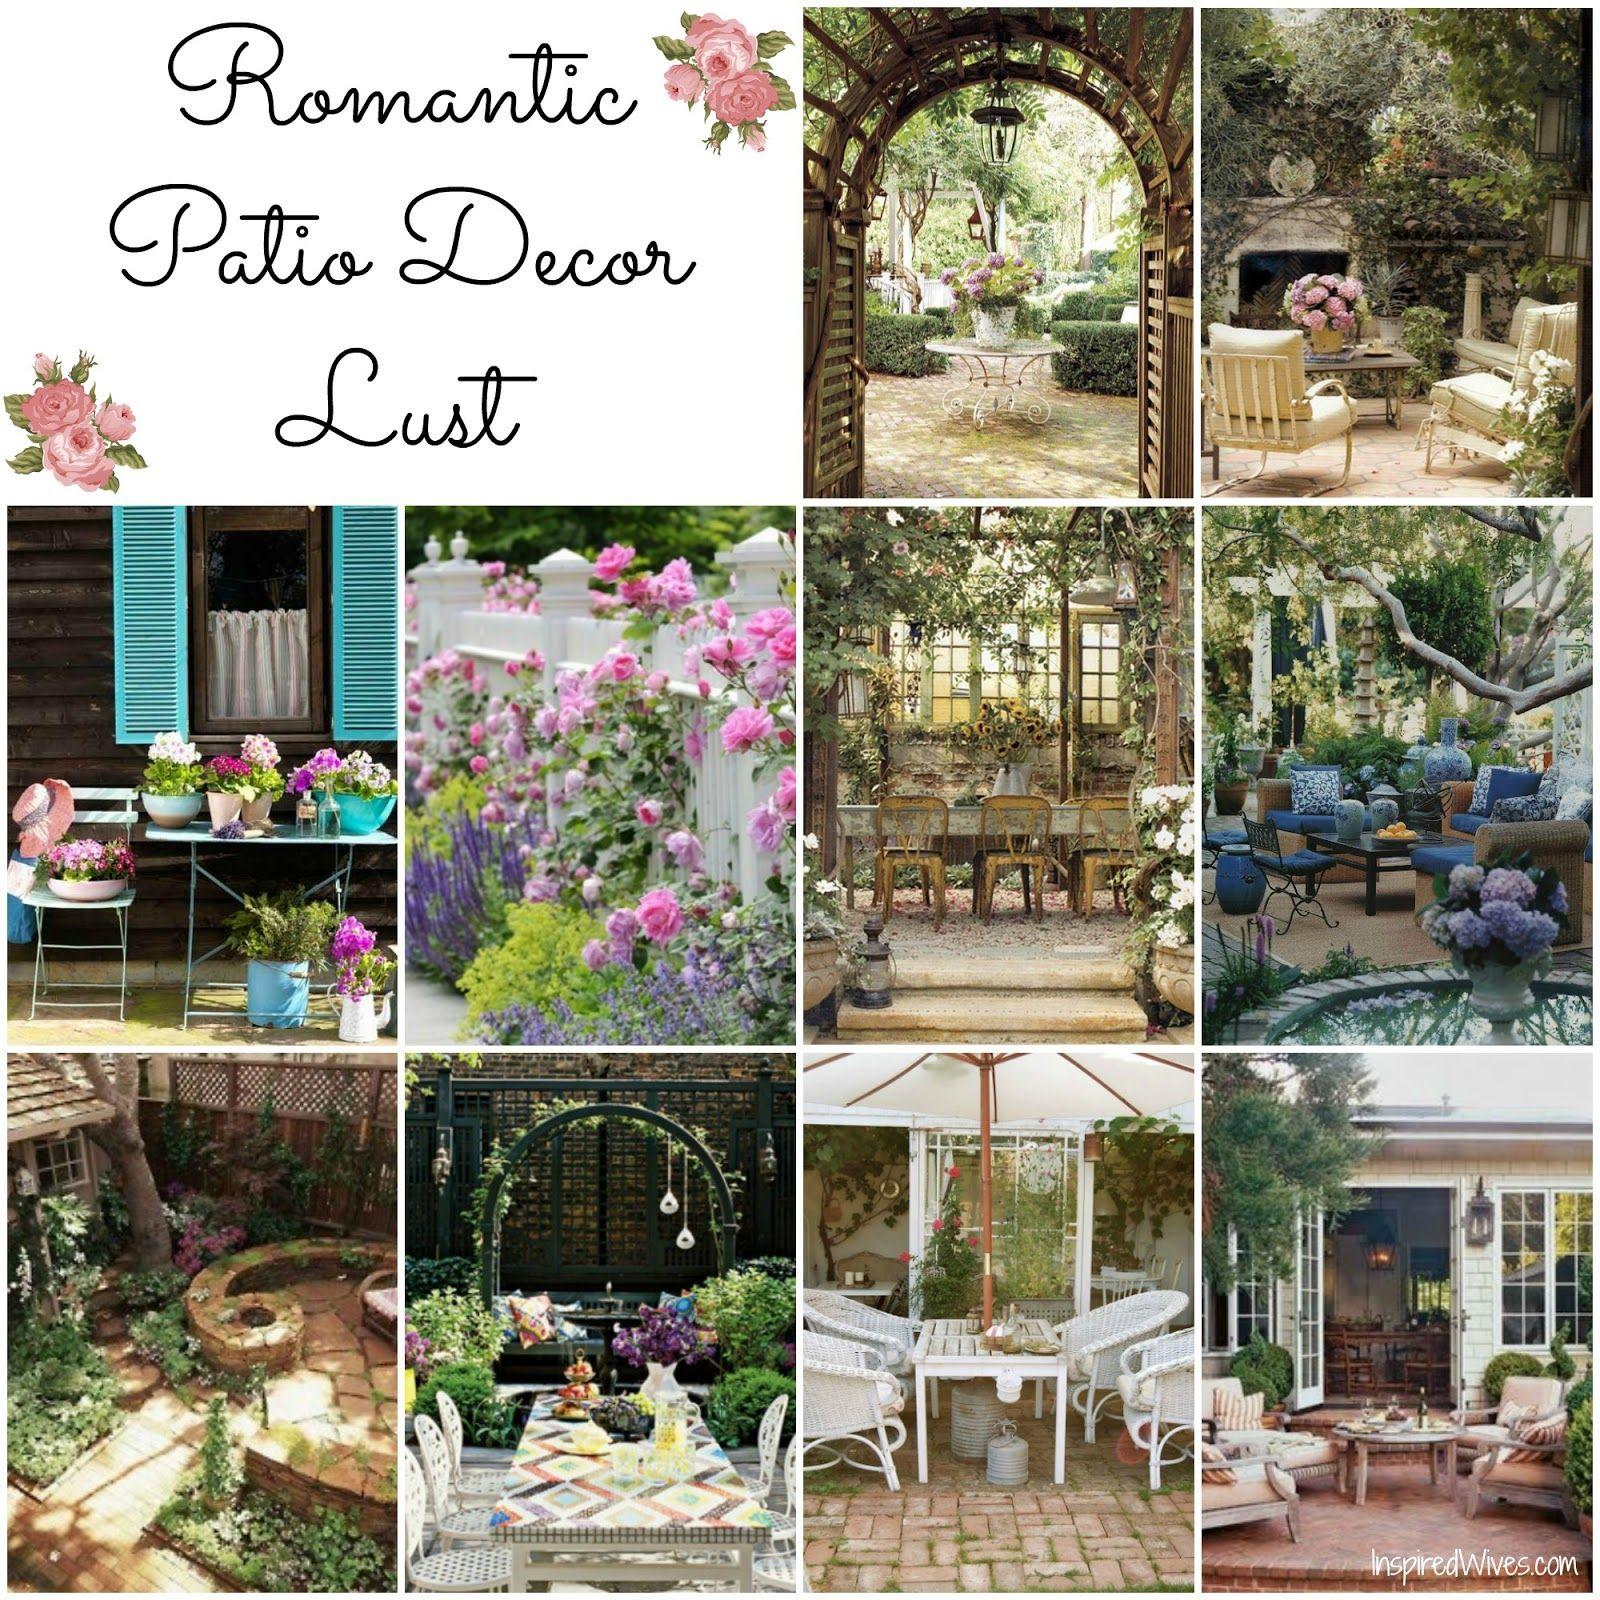 romanticPatio Furniture | Romantic Patio Decor Lust ... on Romantic Patio Ideas id=41186